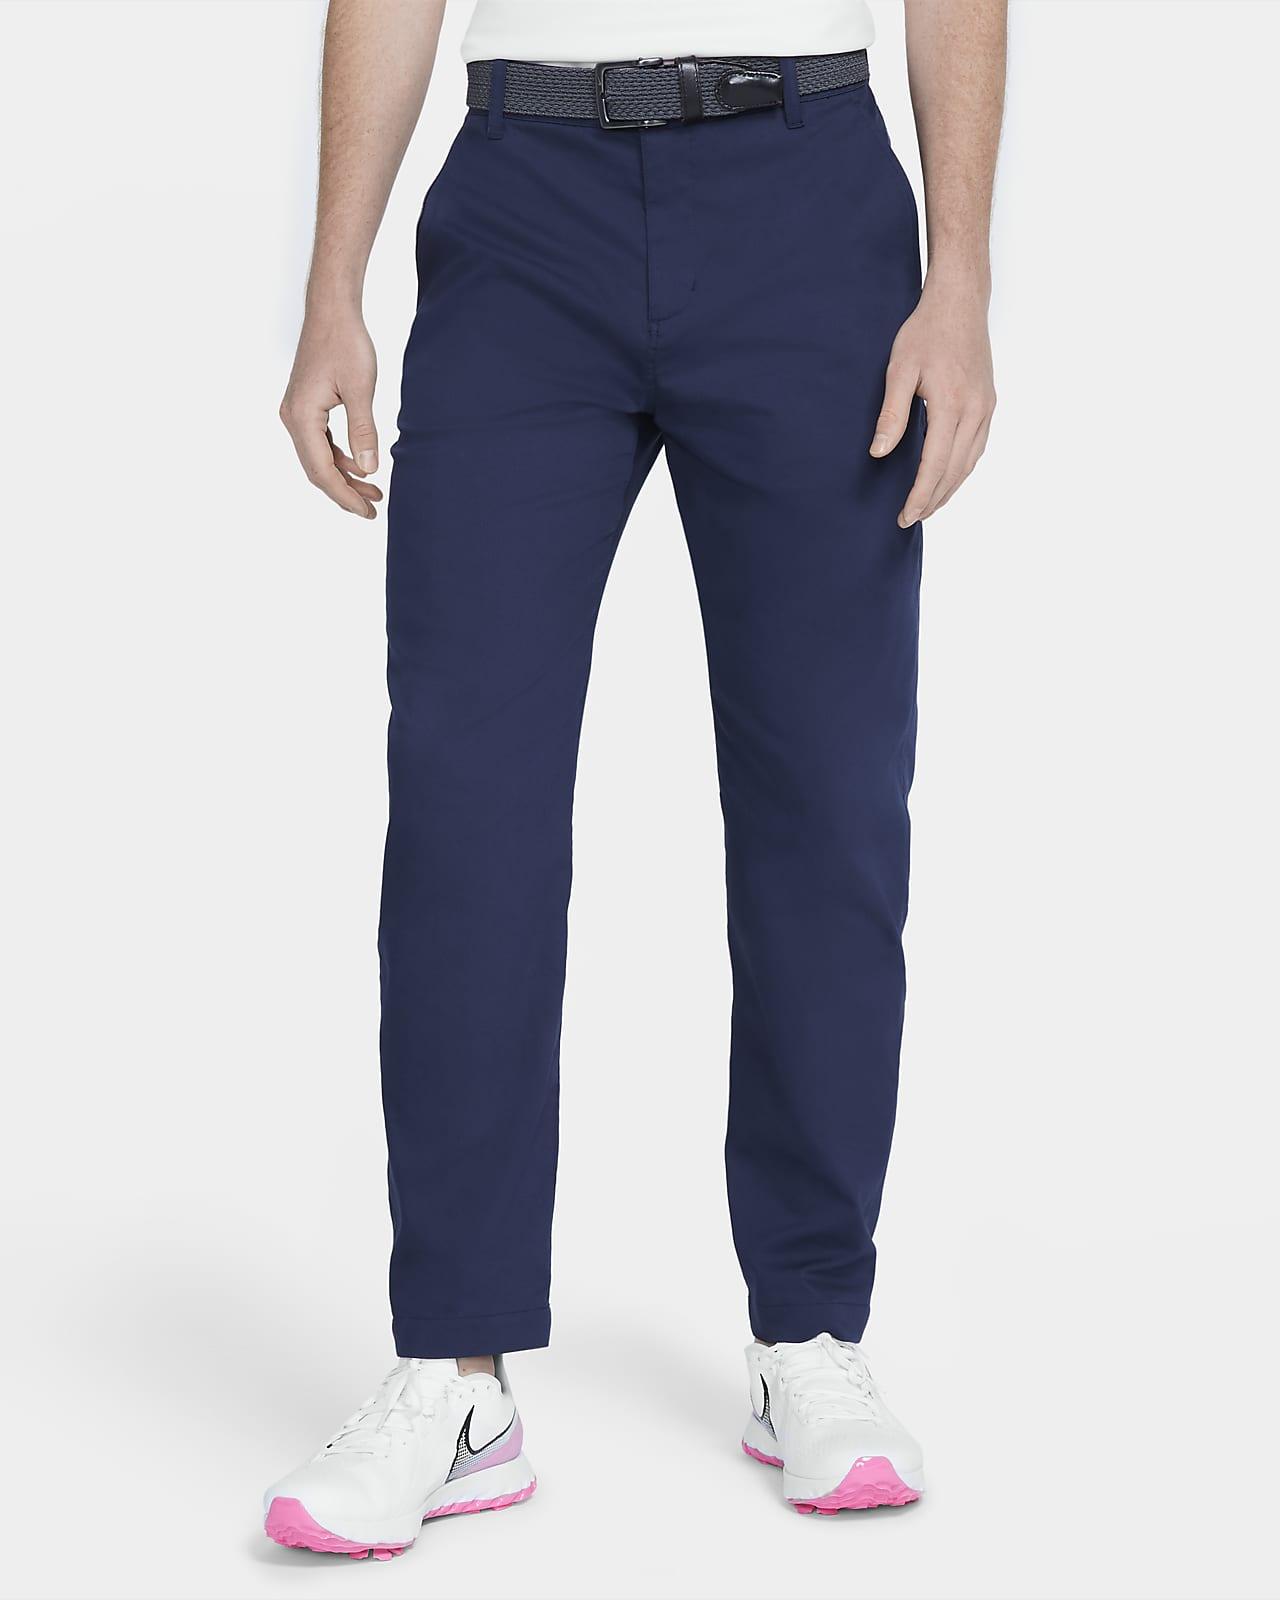 Мужские брюки чинос со стандартной посадкой для гольфа Nike Dri-FIT UV